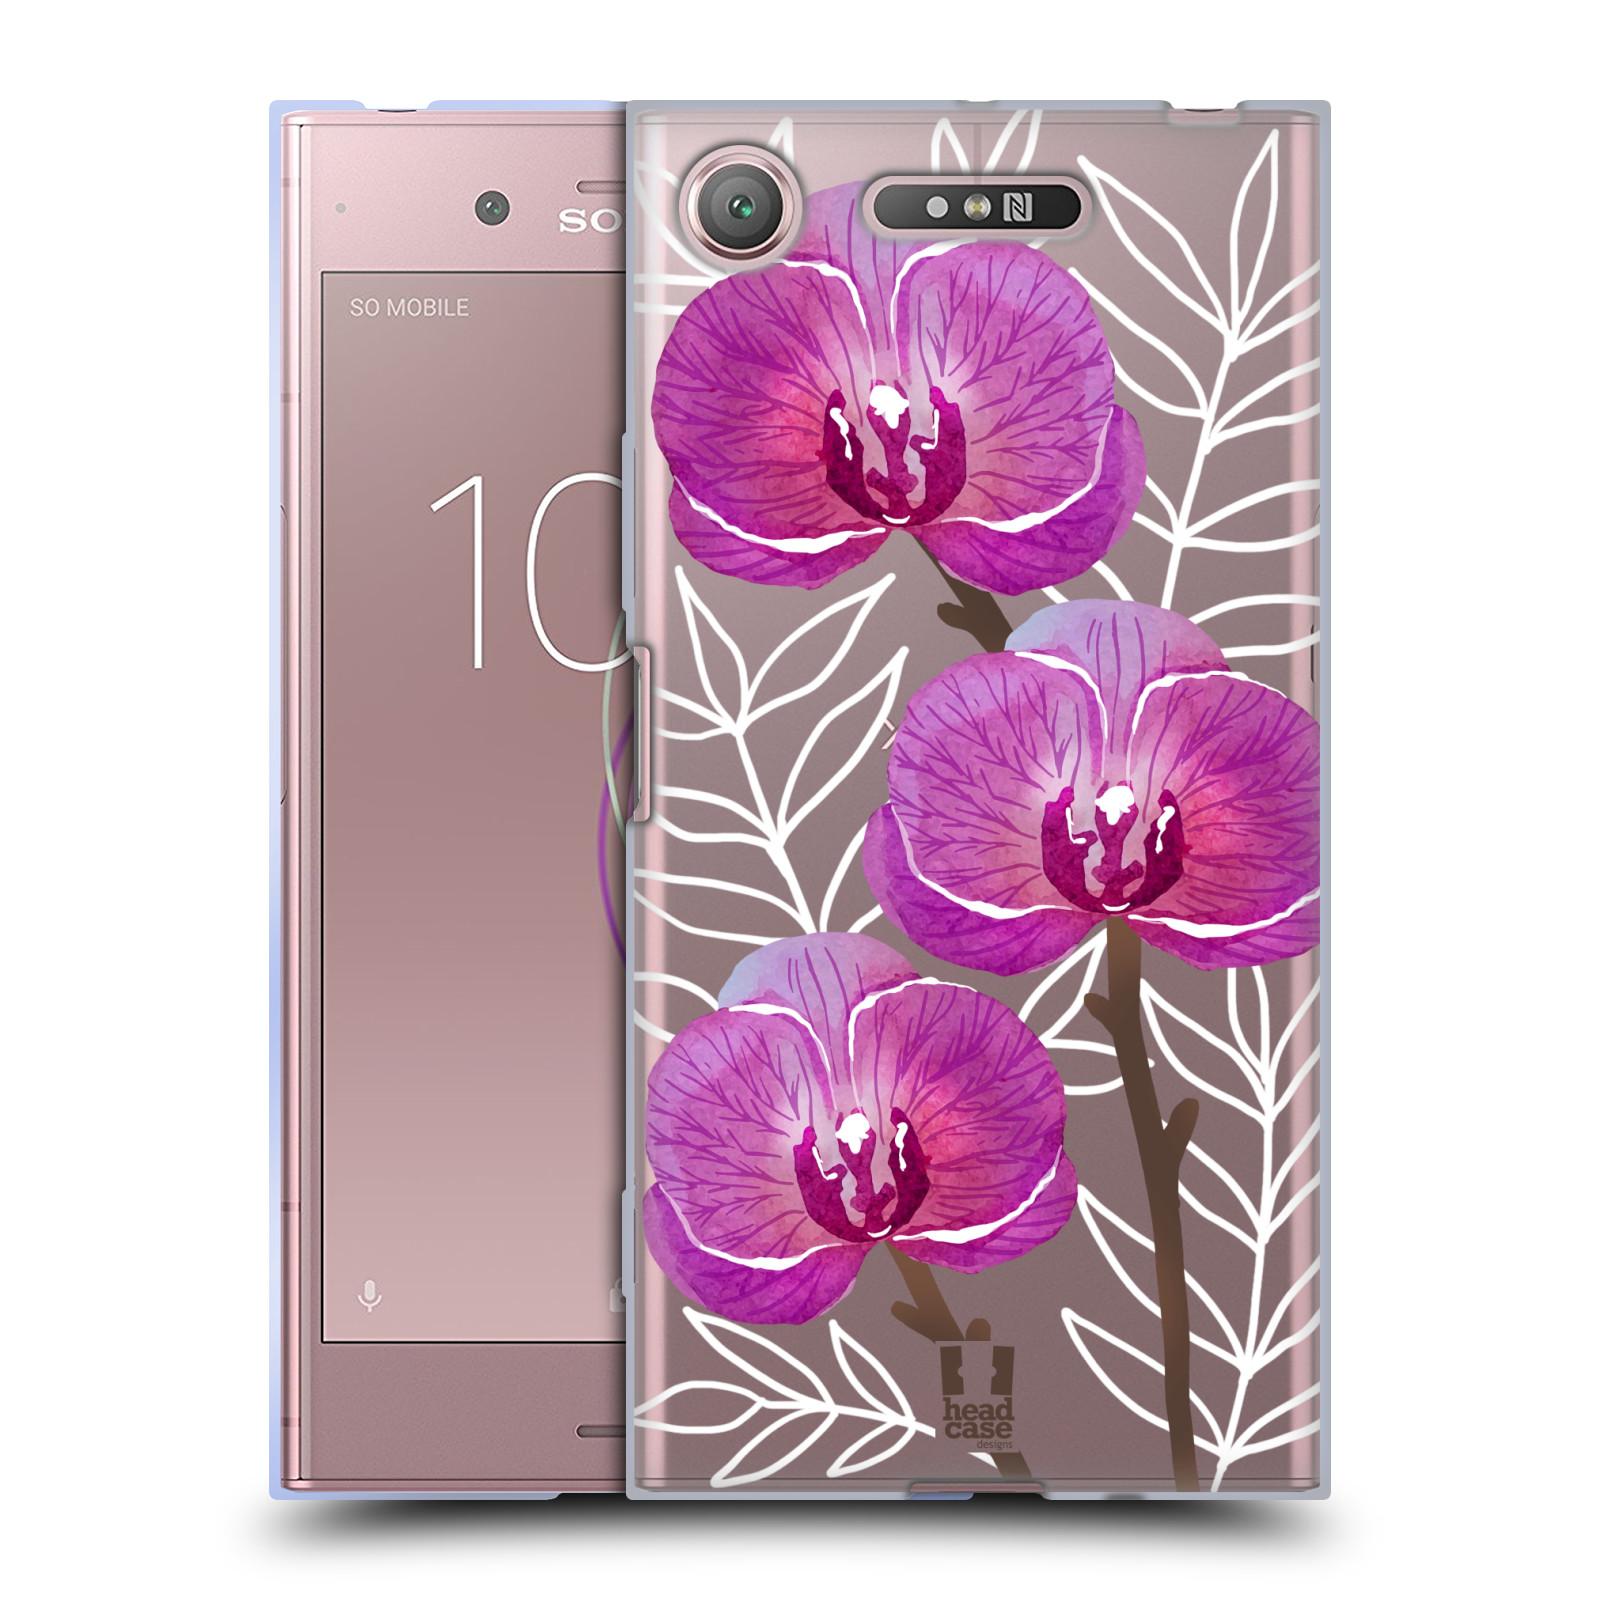 Silikonové pouzdro na mobil Sony Xperia XZ1 - Head Case - Hezoučké kvítky - průhledné